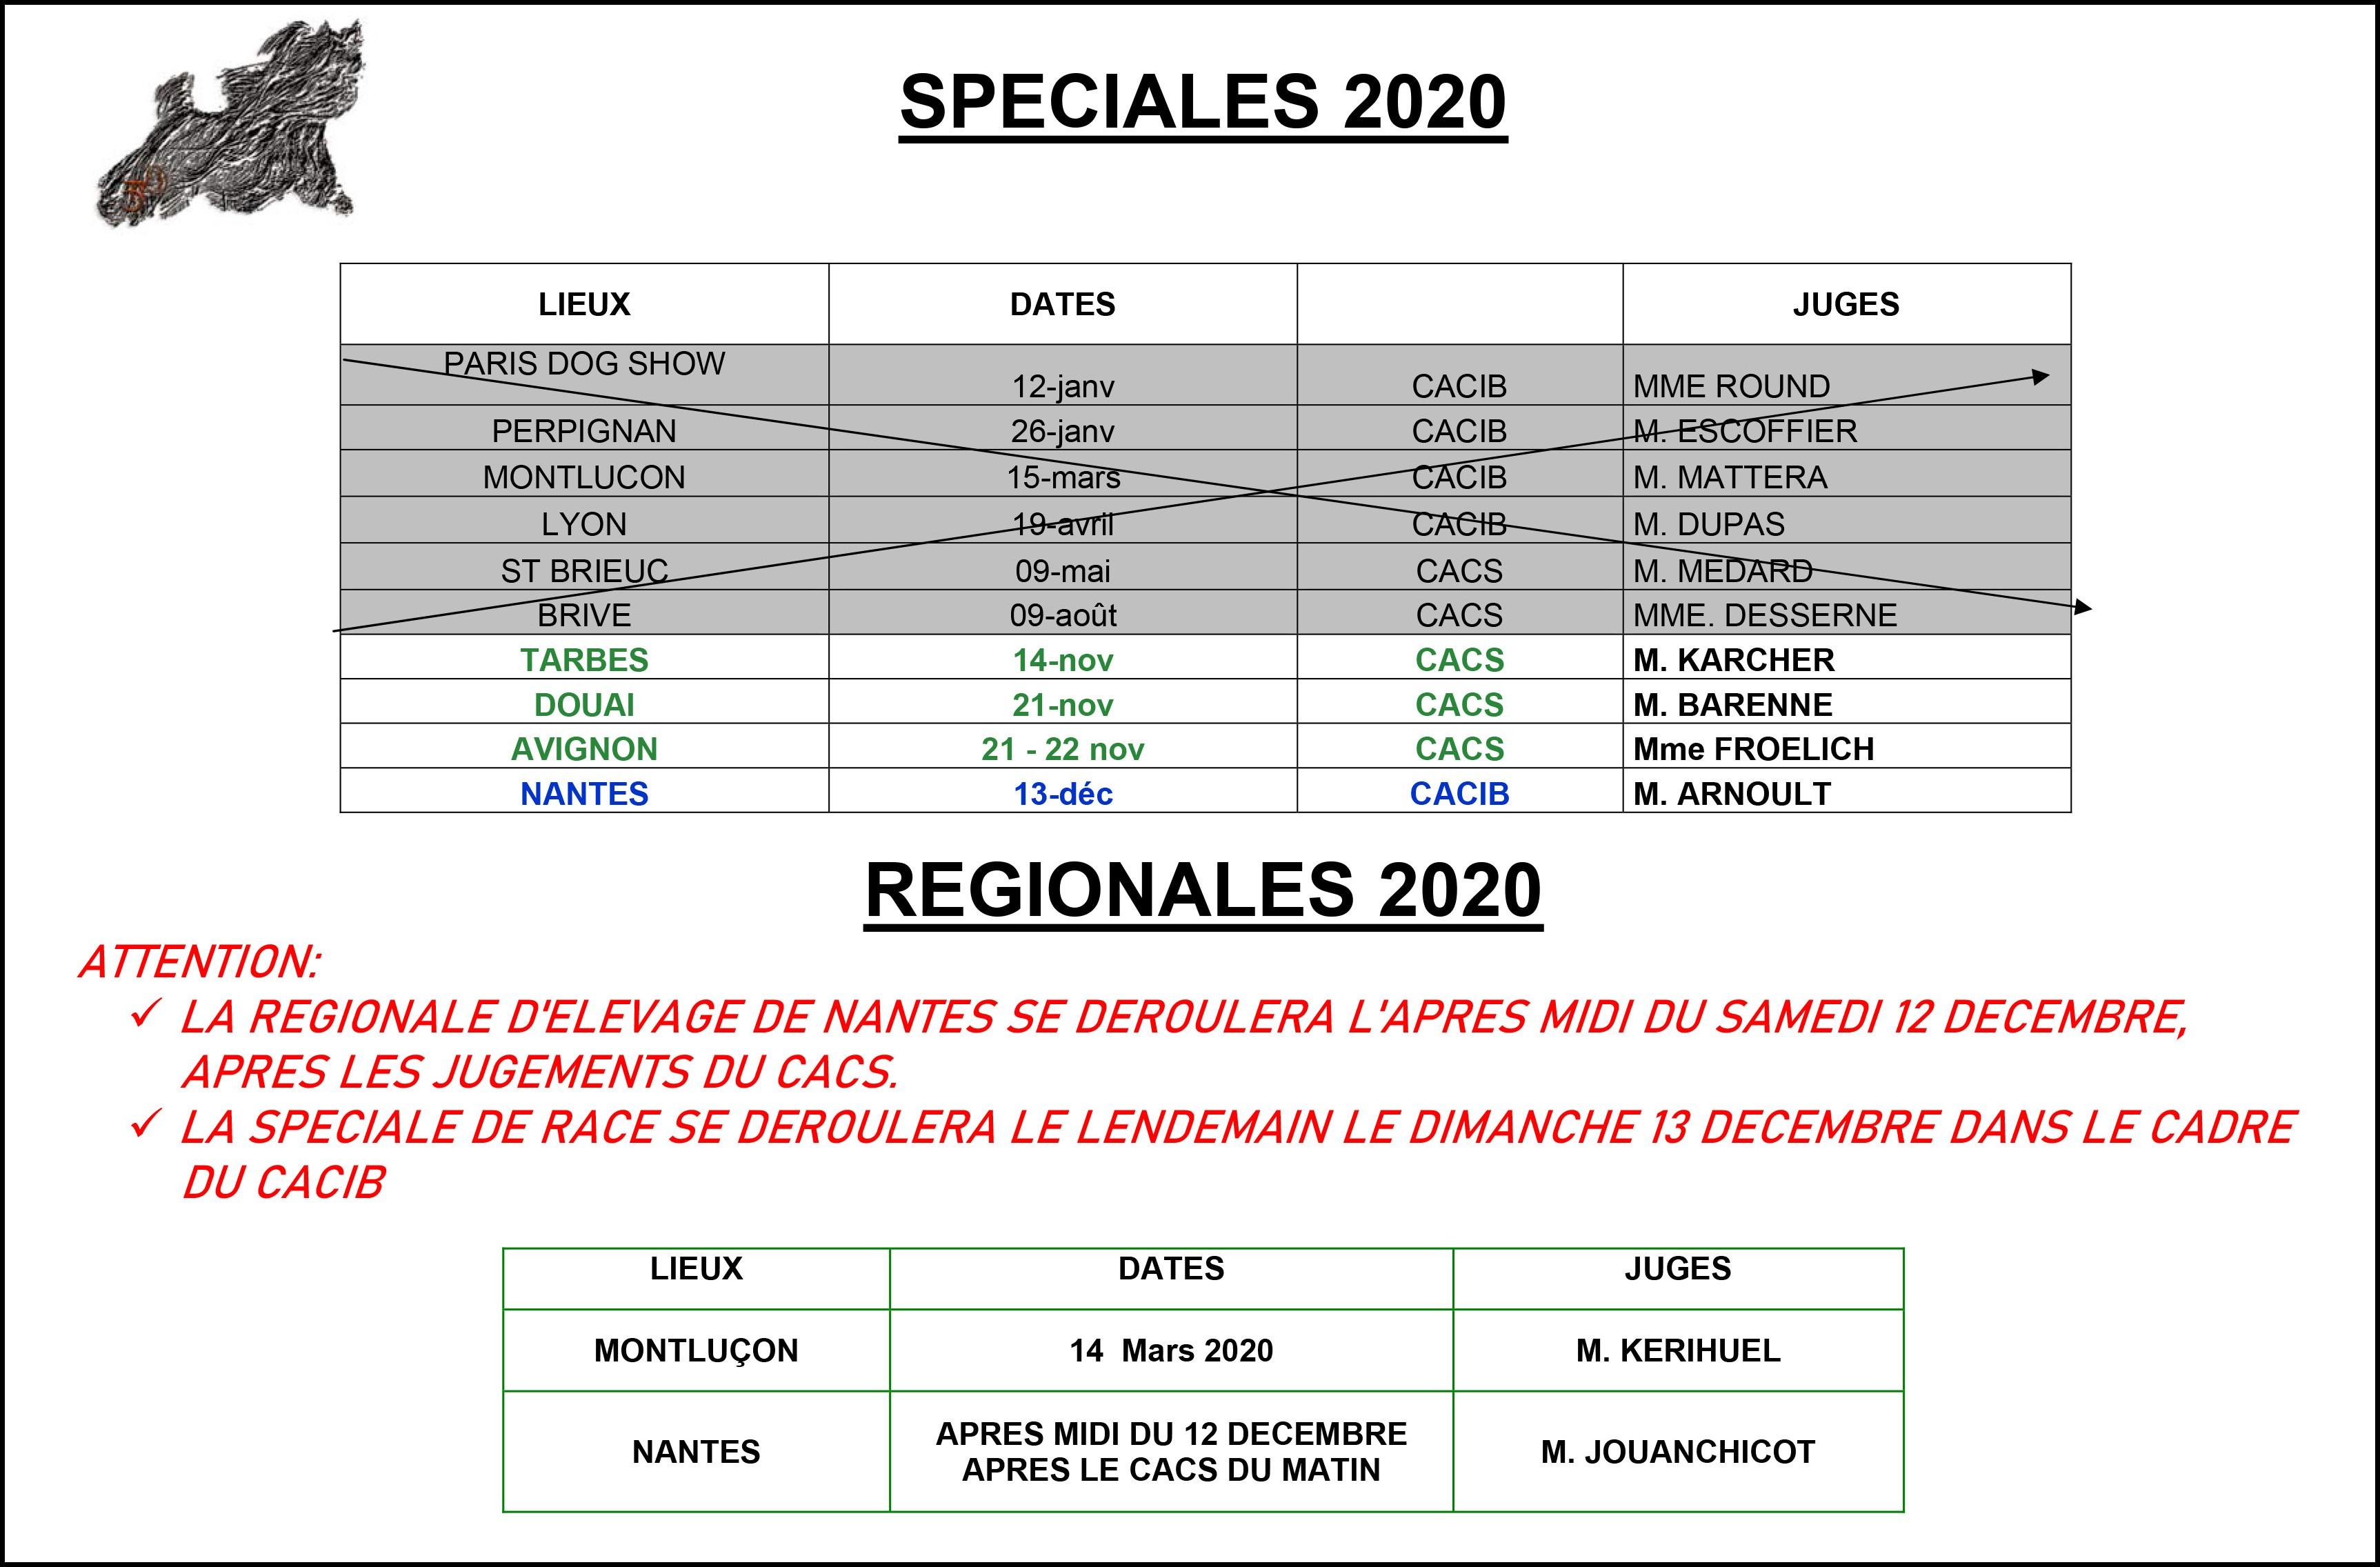 Microsoft Word - SPECIALES 2020 ET RE ENSEMBLE.doc